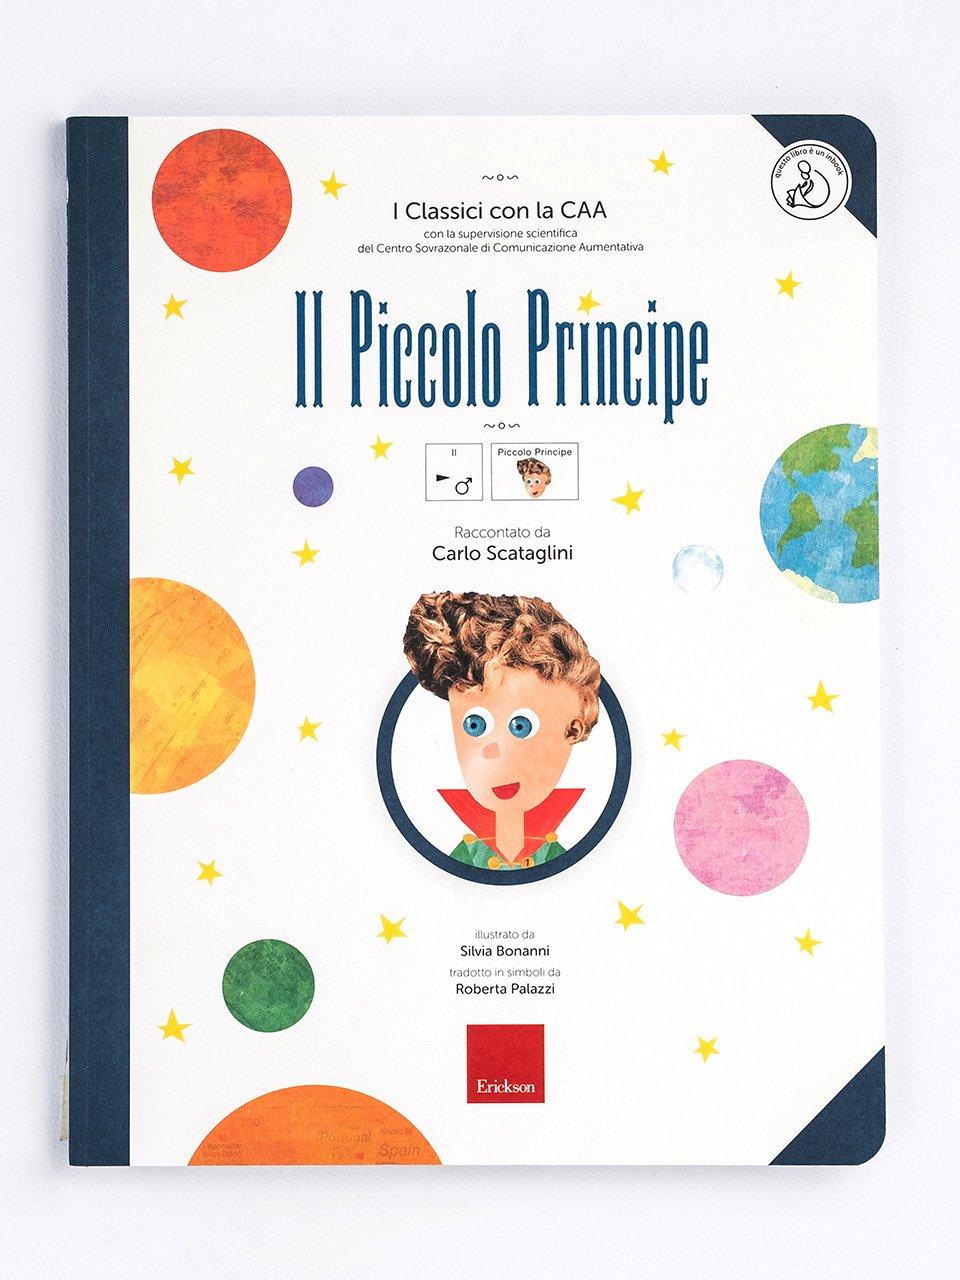 I Classici con la CAA - Il Piccolo Principe - I Classici con la CAA - Pinocchio - Libri - Erickson